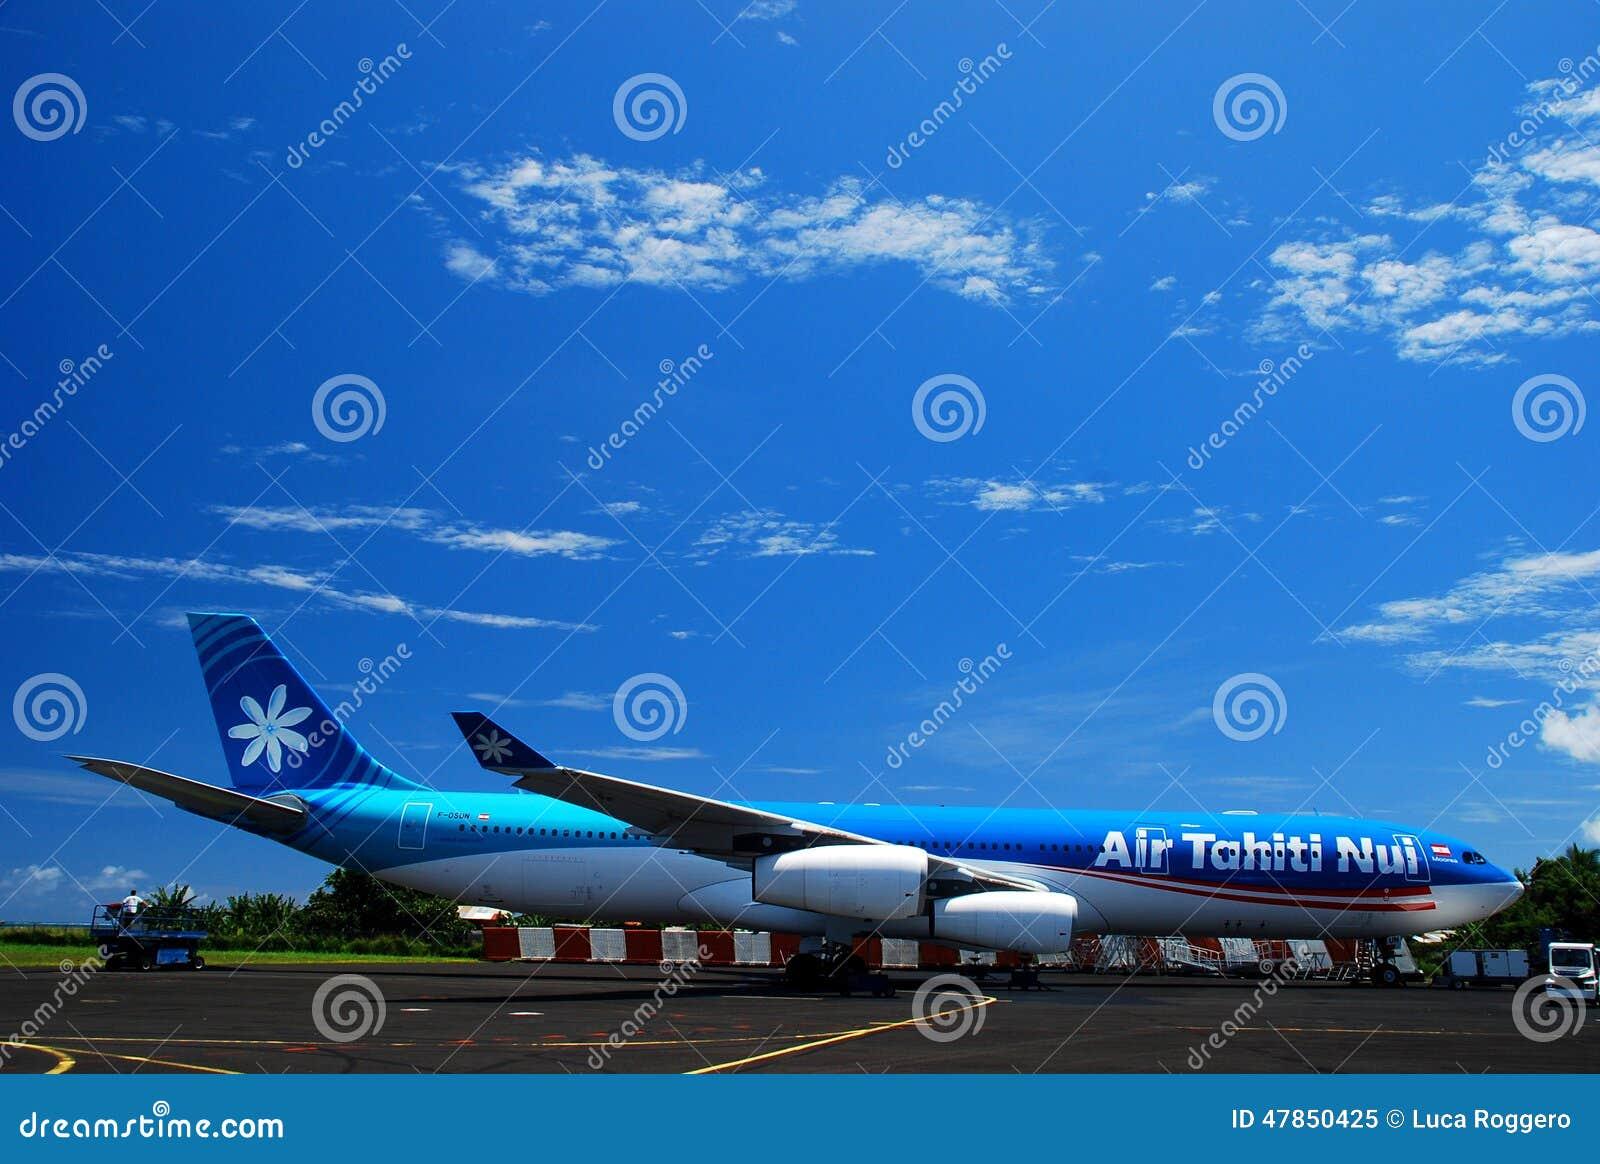 300 TÉLÉCHARGER NUI TAHITI A340 AIR